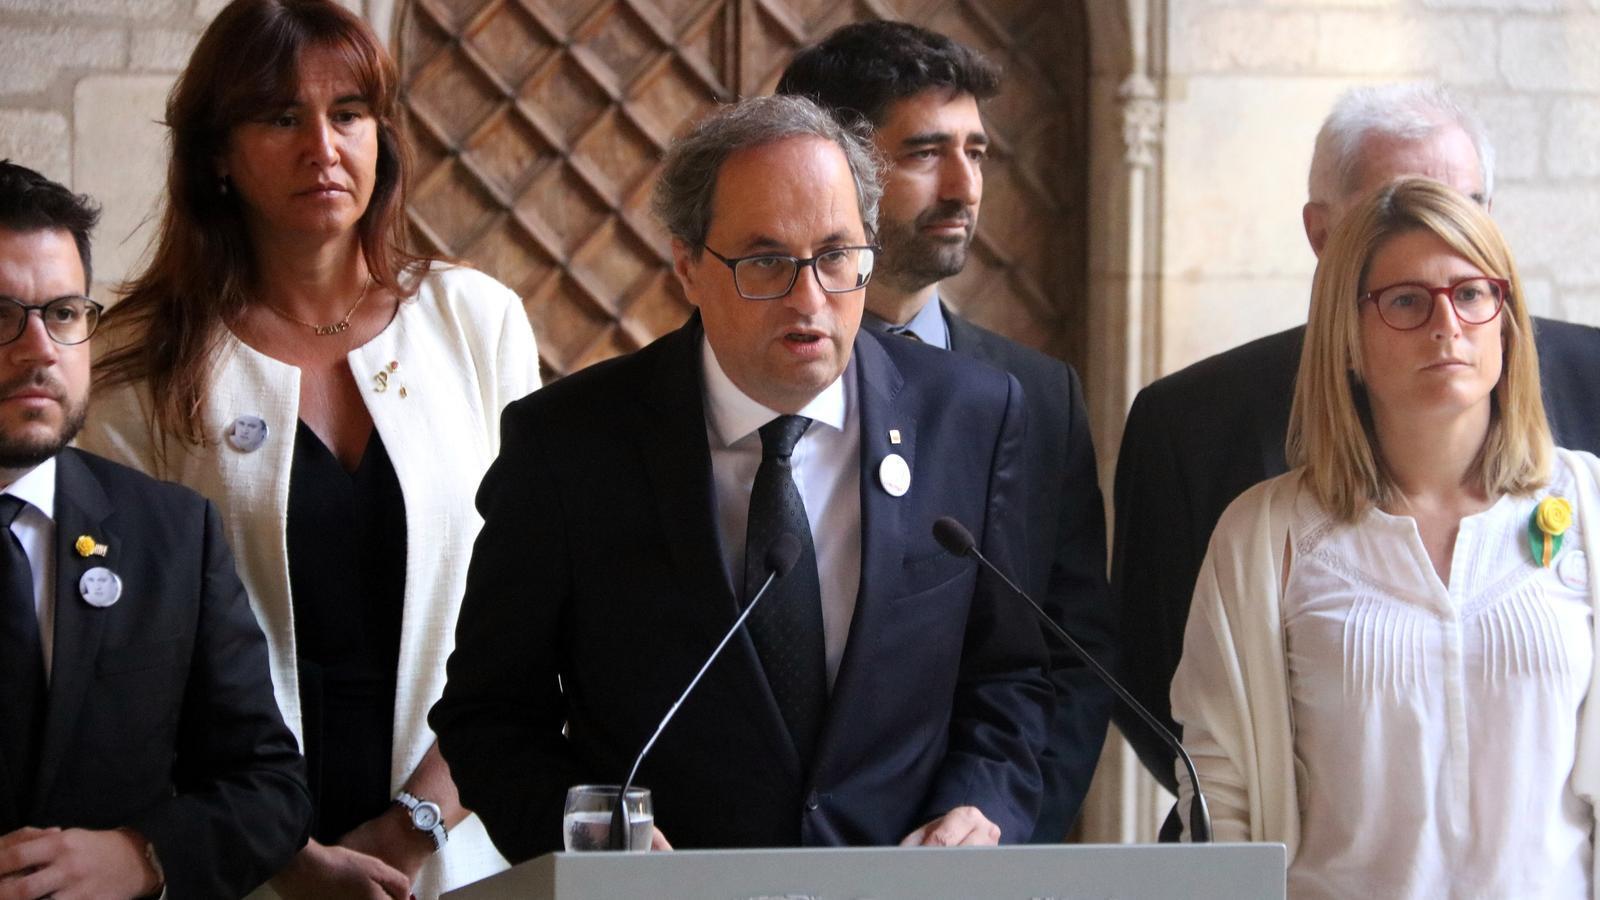 El president de la Generalitat, Quim Torra, ha llegit aquest divendres la declaració institucional amb motiu del 17-A flanquejat pels membres del seu Govern